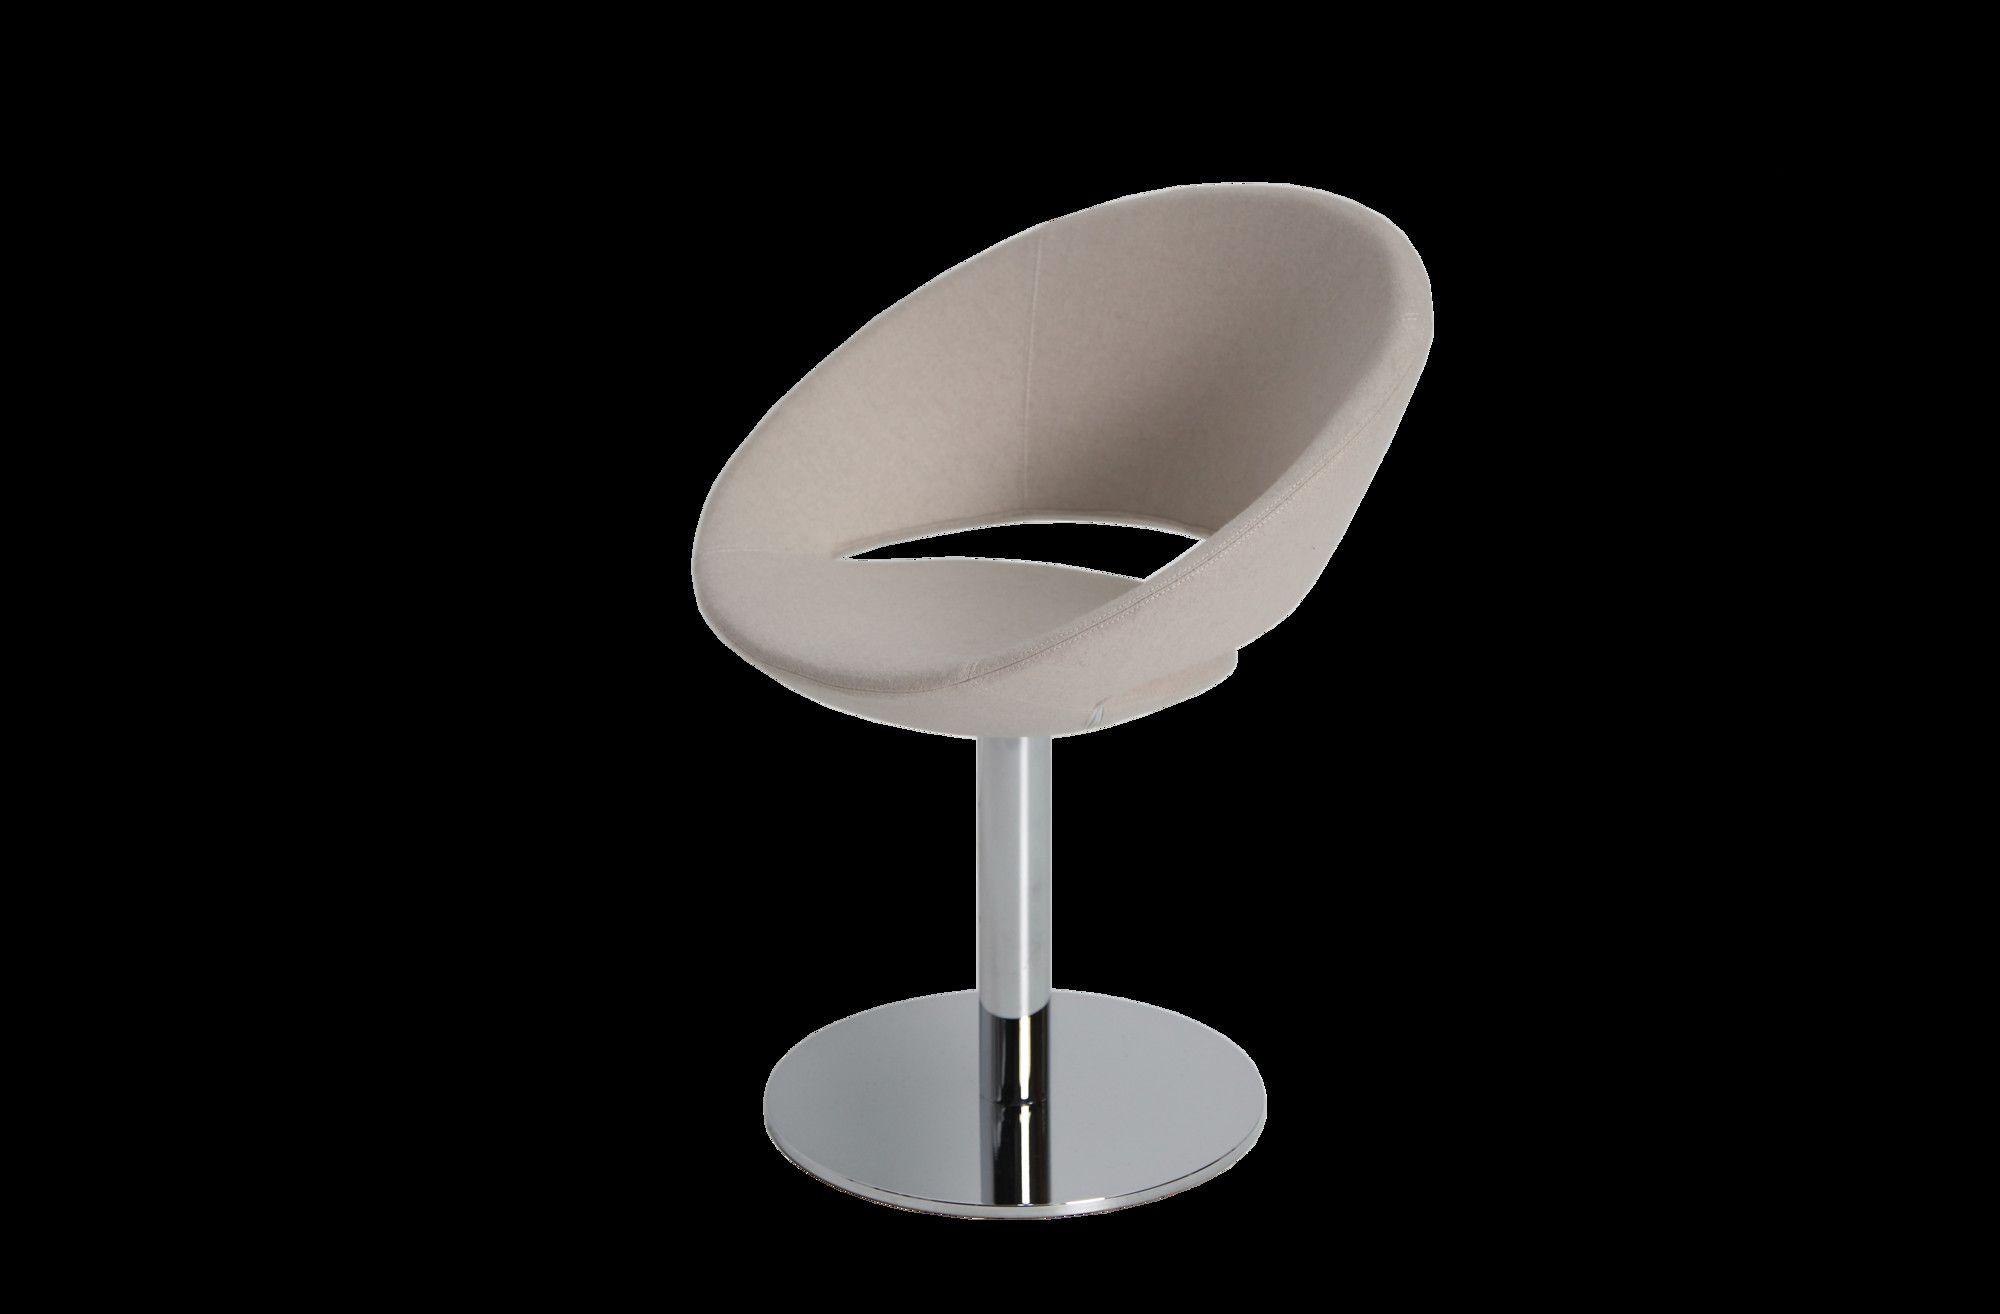 Outstanding Sohoconcept Crescent Round Chair Allmodern Bar Deco Short Links Chair Design For Home Short Linksinfo